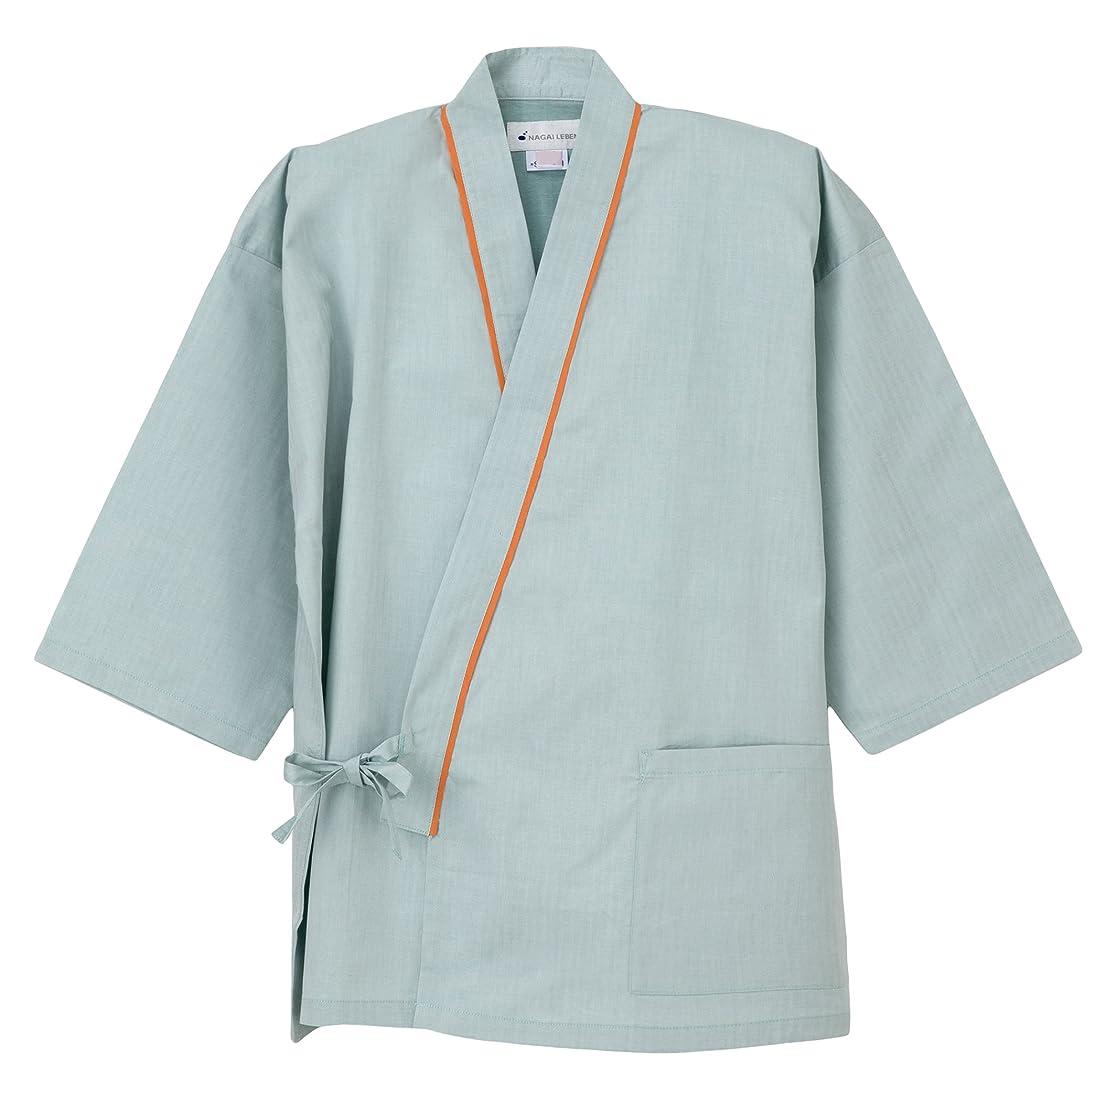 盗難一貫した贈り物ナガイレーベン NAGAILEBEN 患者衣じんべい型 SG-1441(L) グリーン